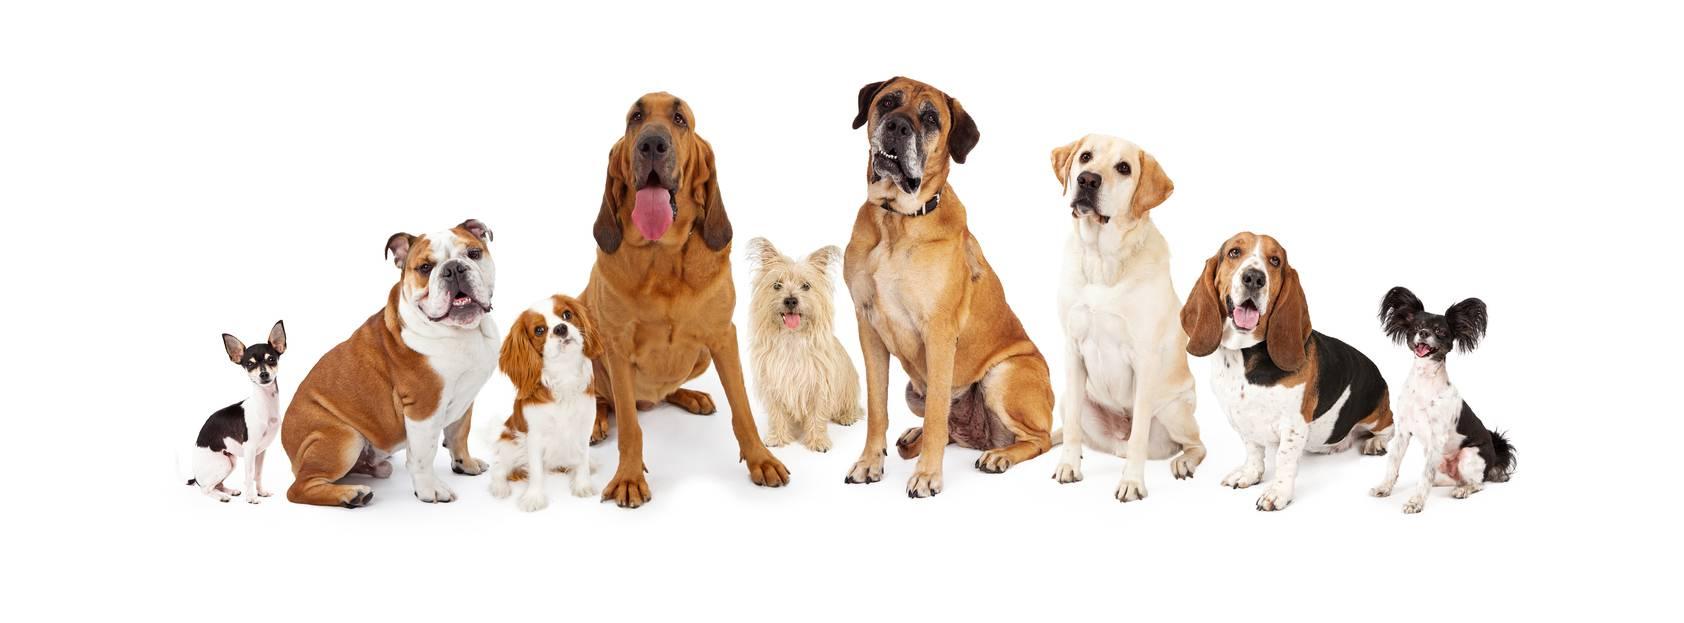 Test dimmi che cane ti piace e ti dir chi sei for Test quale animale sei